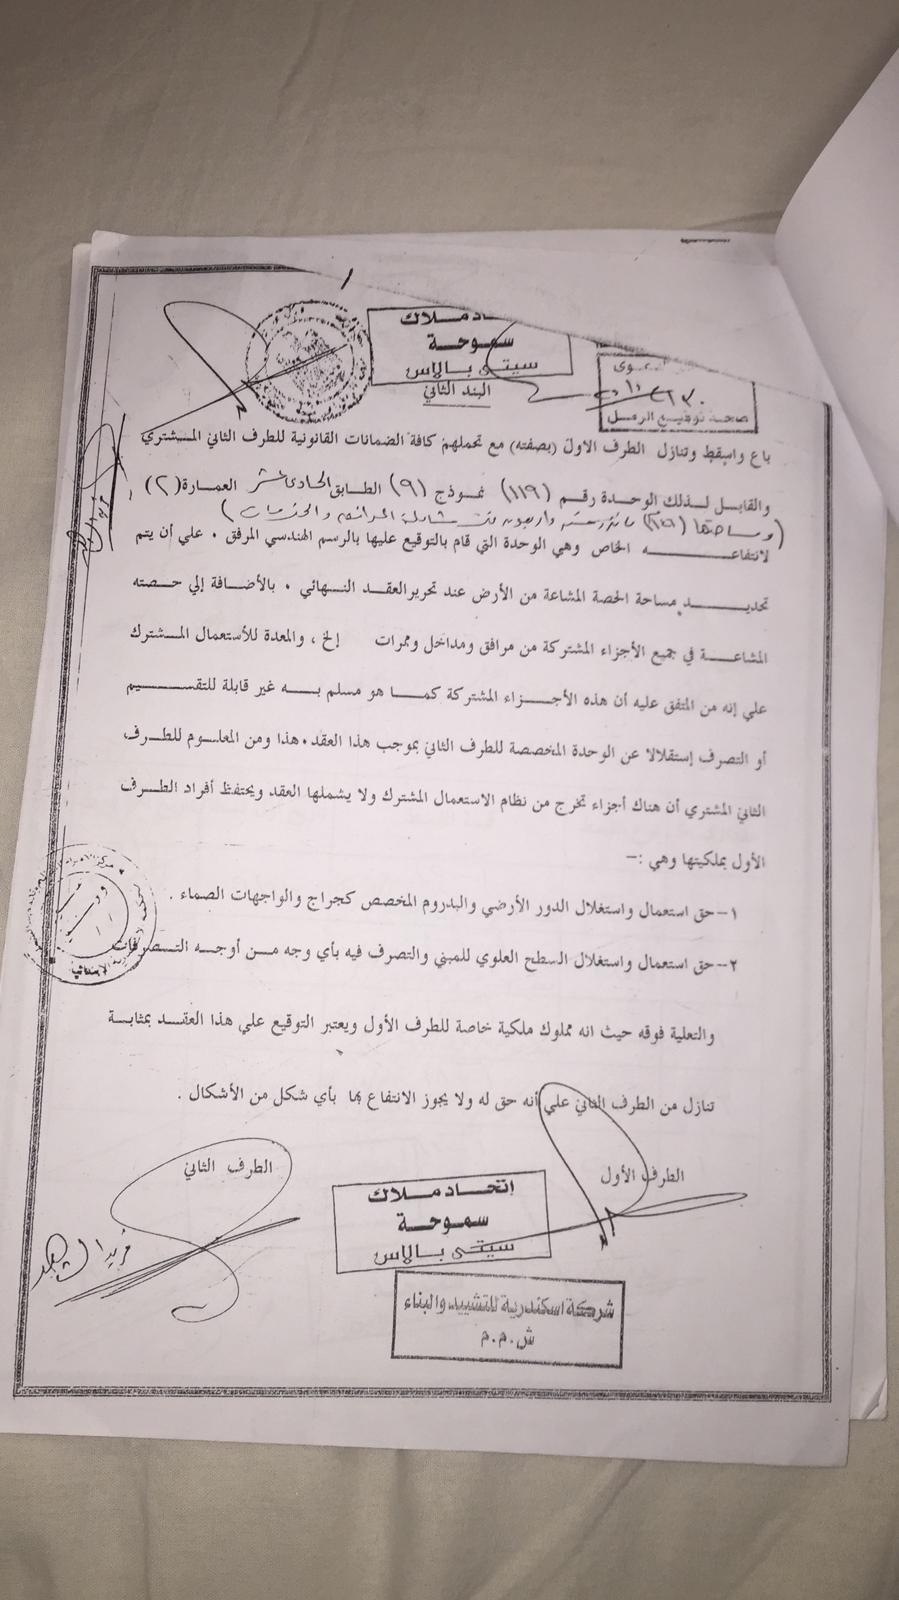 أزمة مشروع سيتي بالاس بالإسكندرية (75)